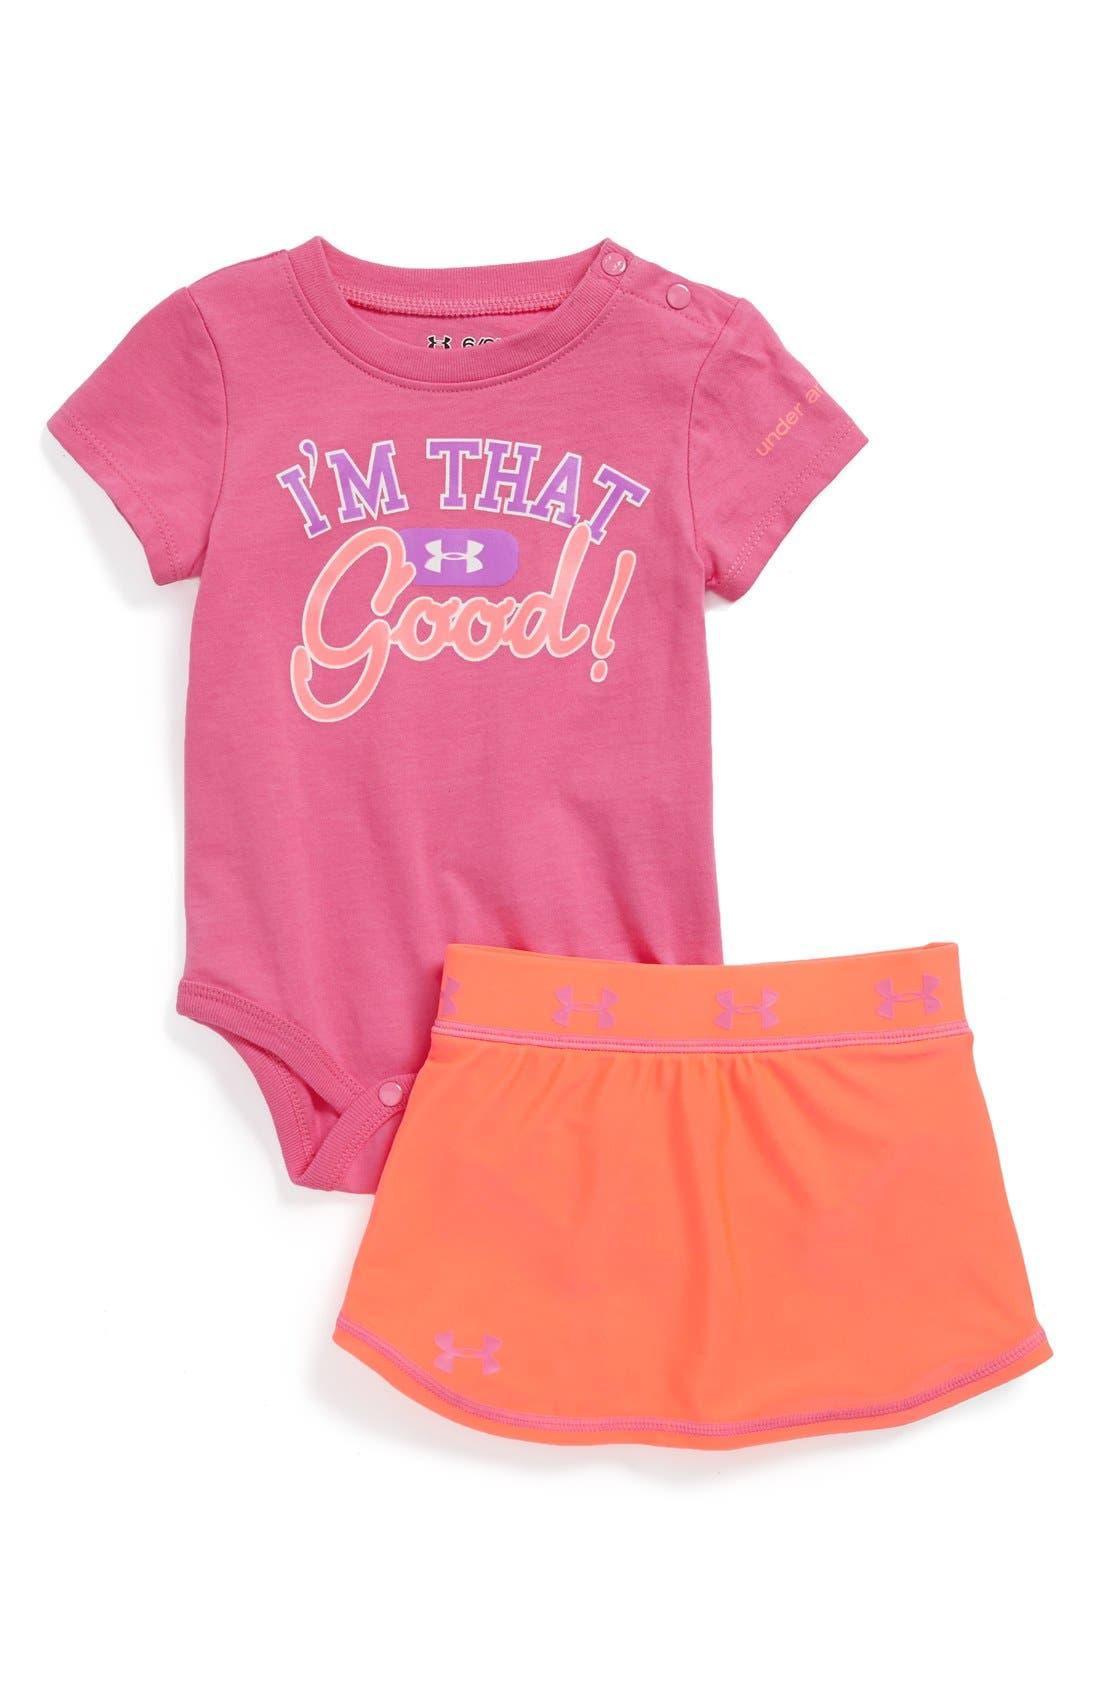 Alternate Image 1 Selected - Under Armour Bodysuit & Skirt (Baby Girls)